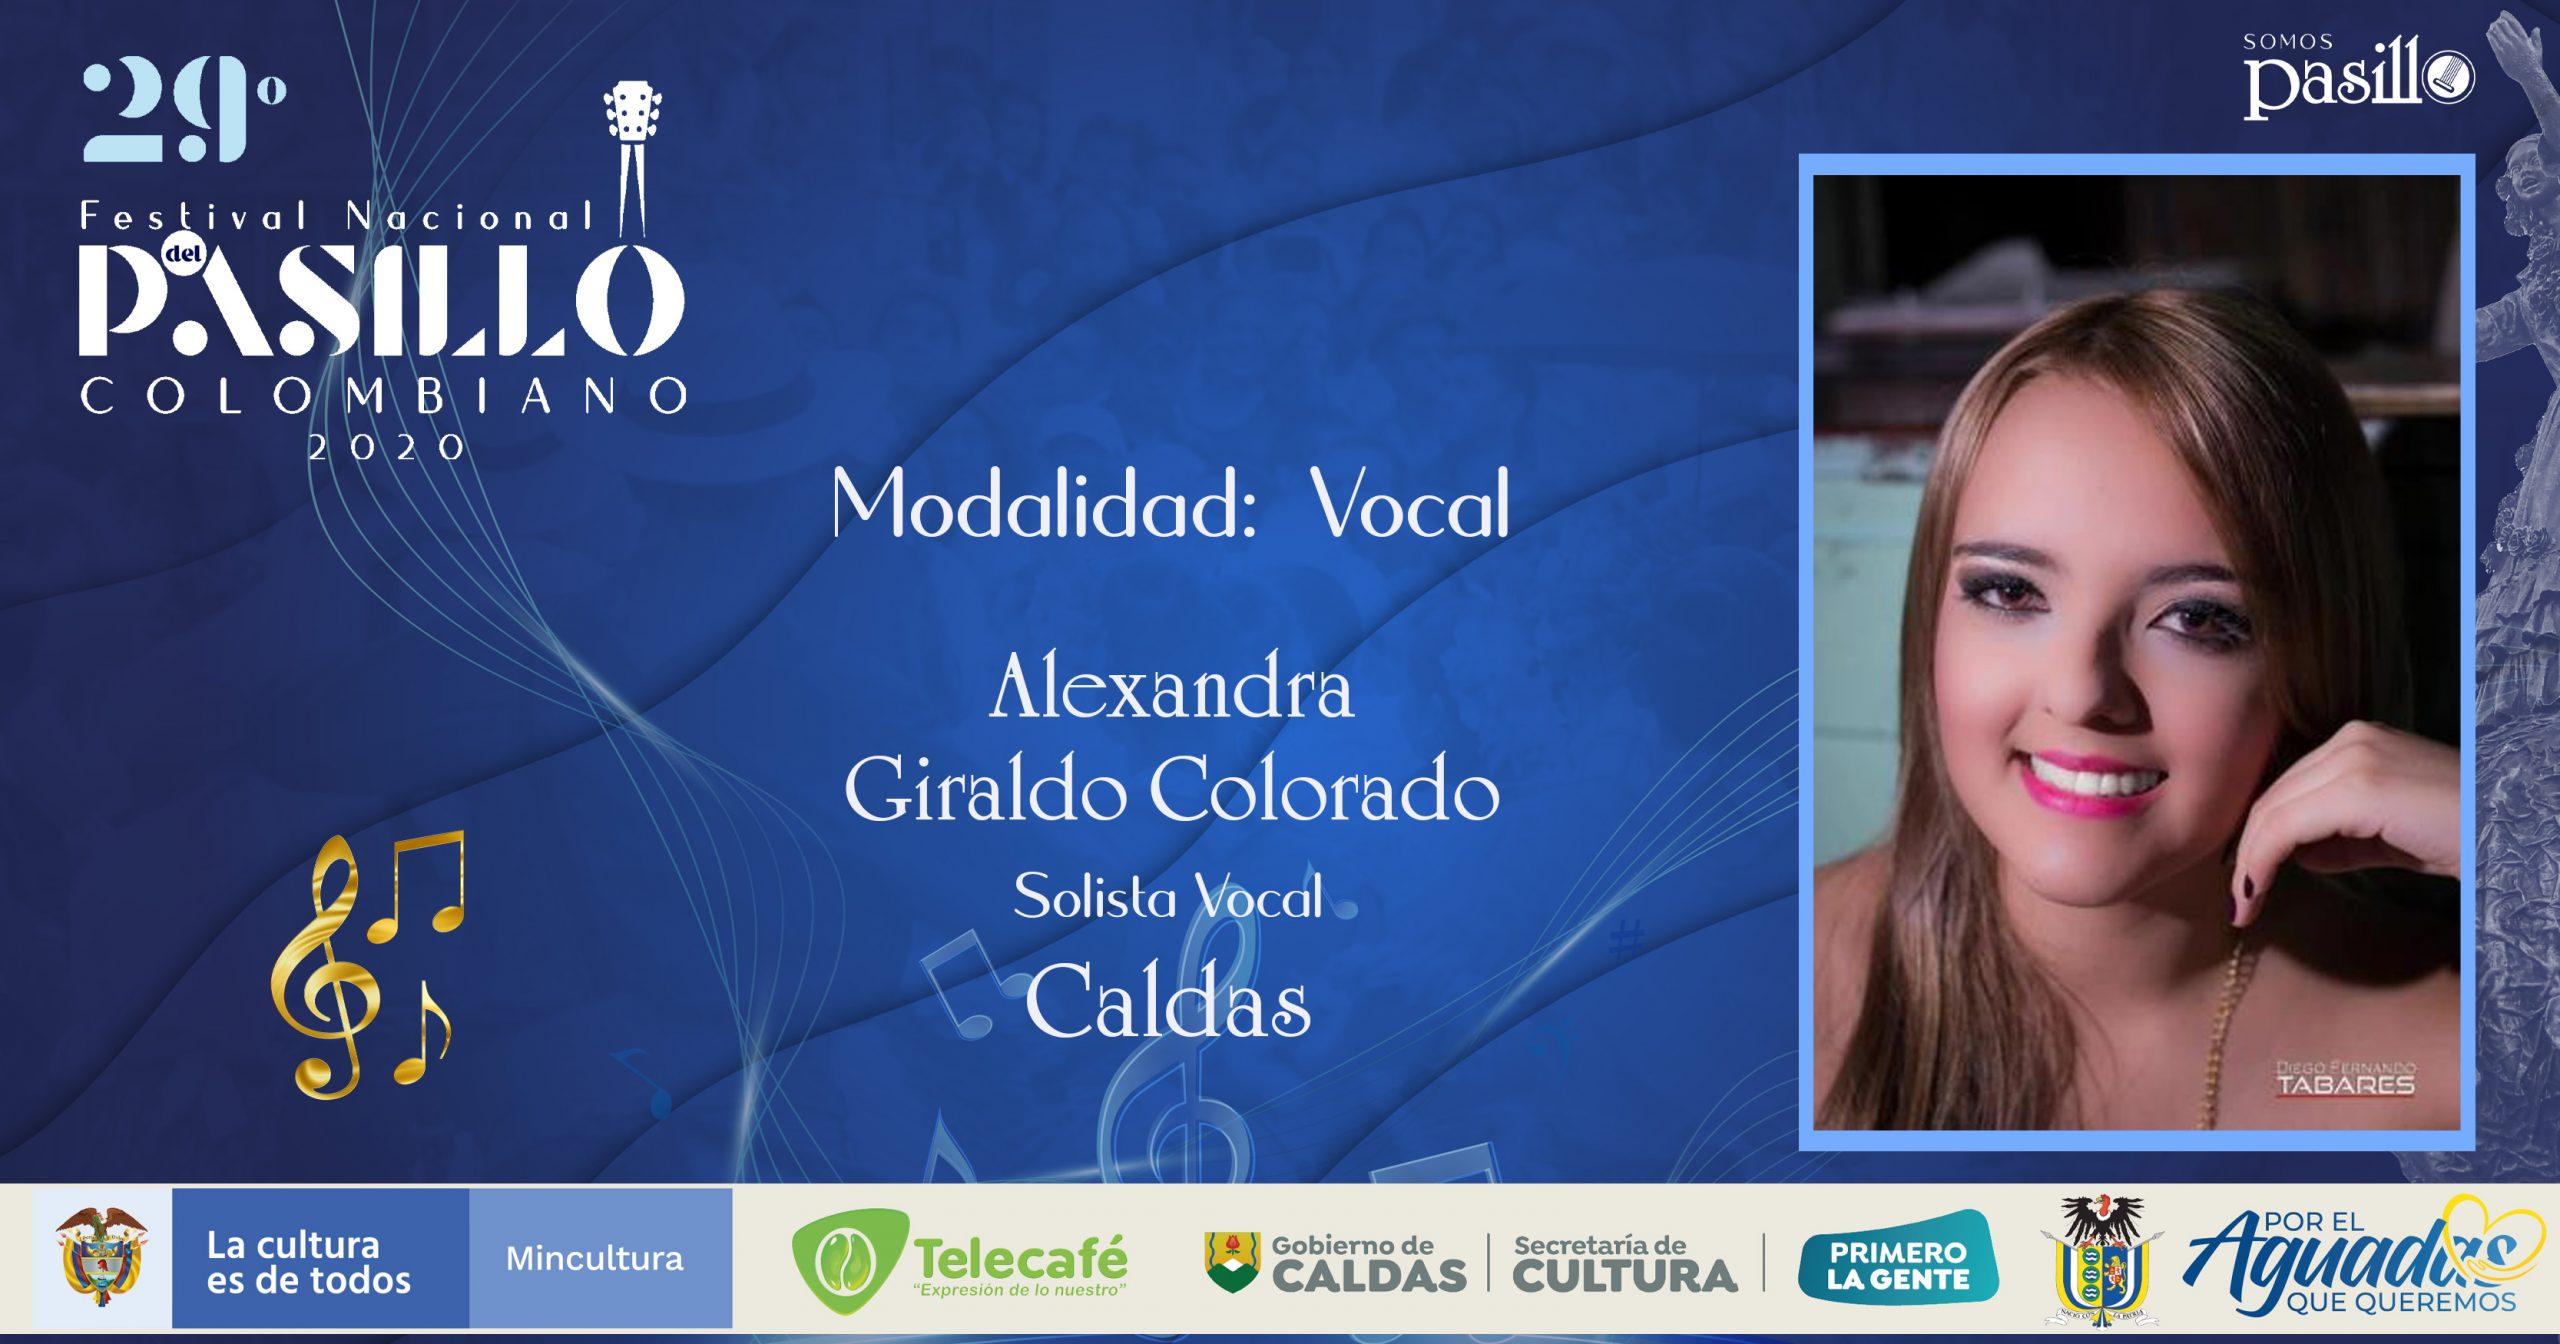 Alexandra Giraldo Colorado